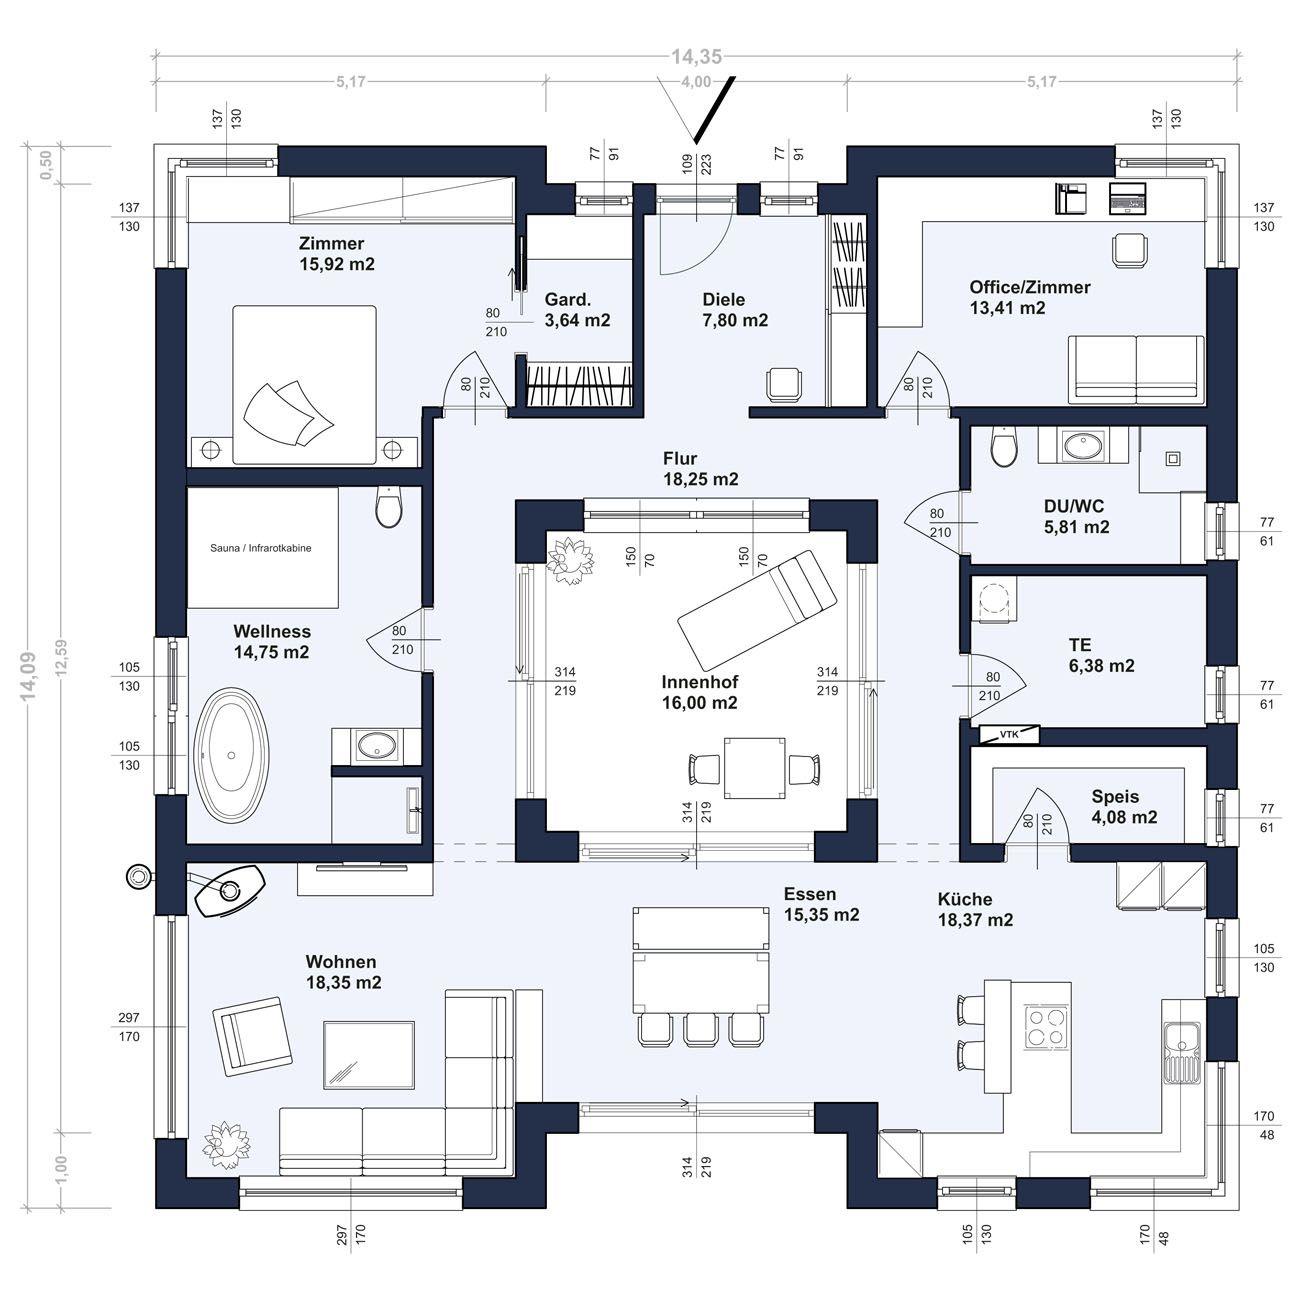 ZENKER Konzept BU 142 mit Flachdach (Abbildung mit